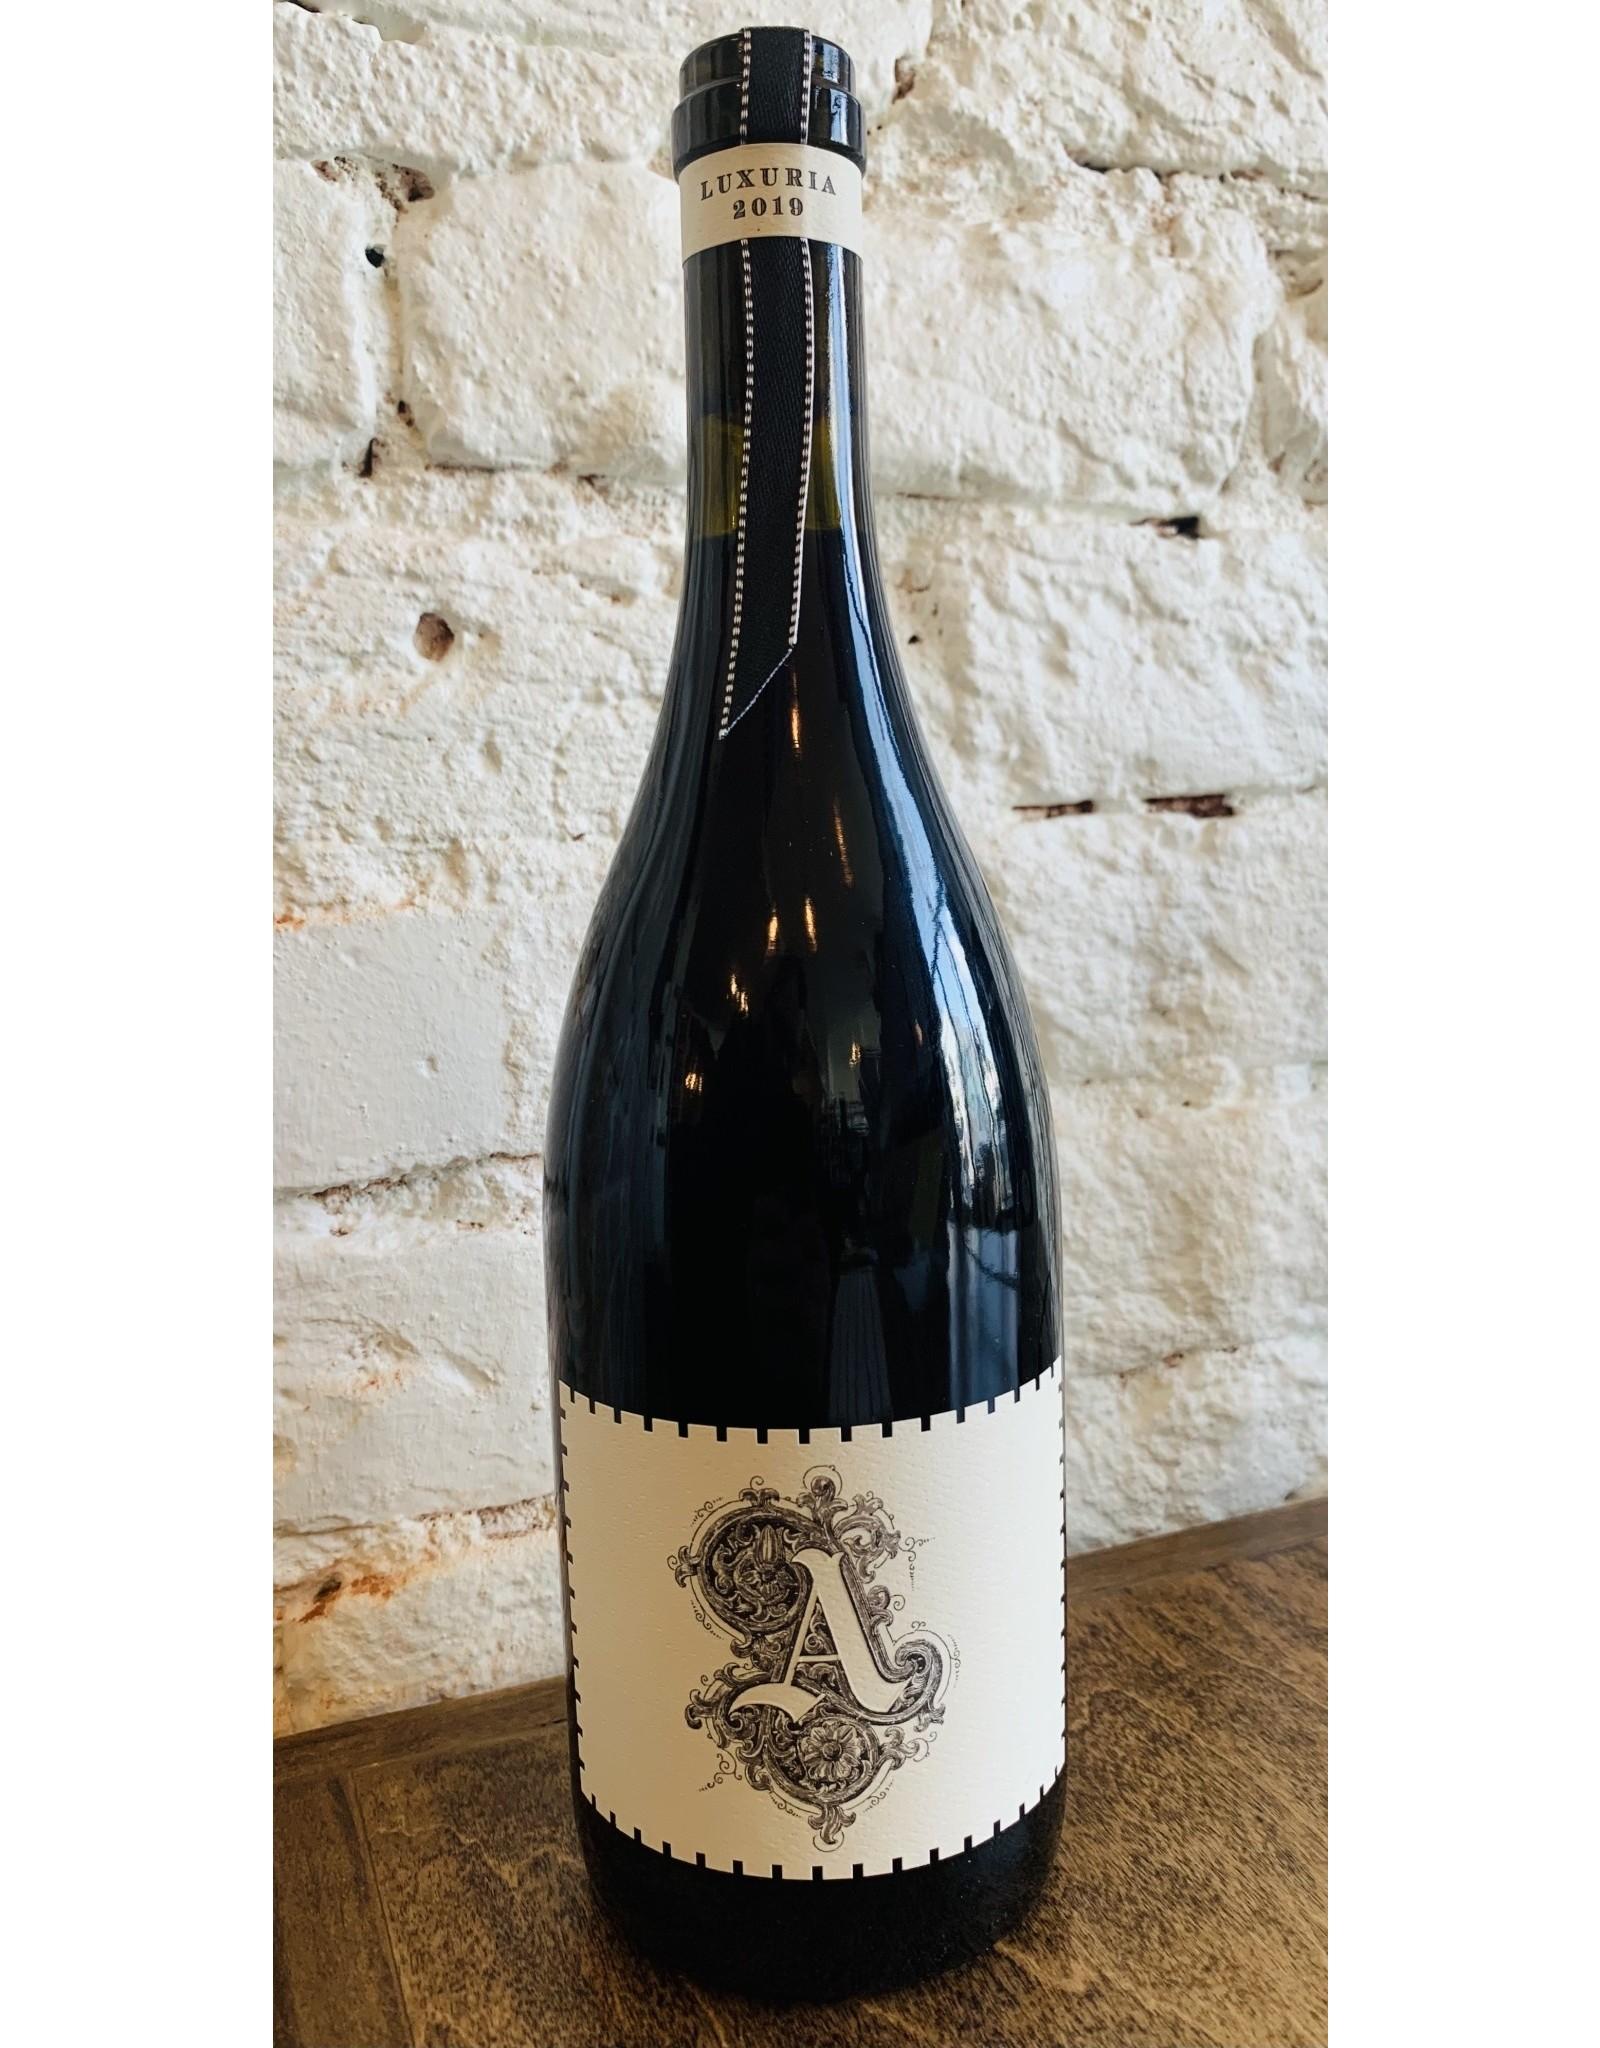 Antiquum Farm Antiquum Farm Luxuria Pinot Noir, Willamette Valley 2019